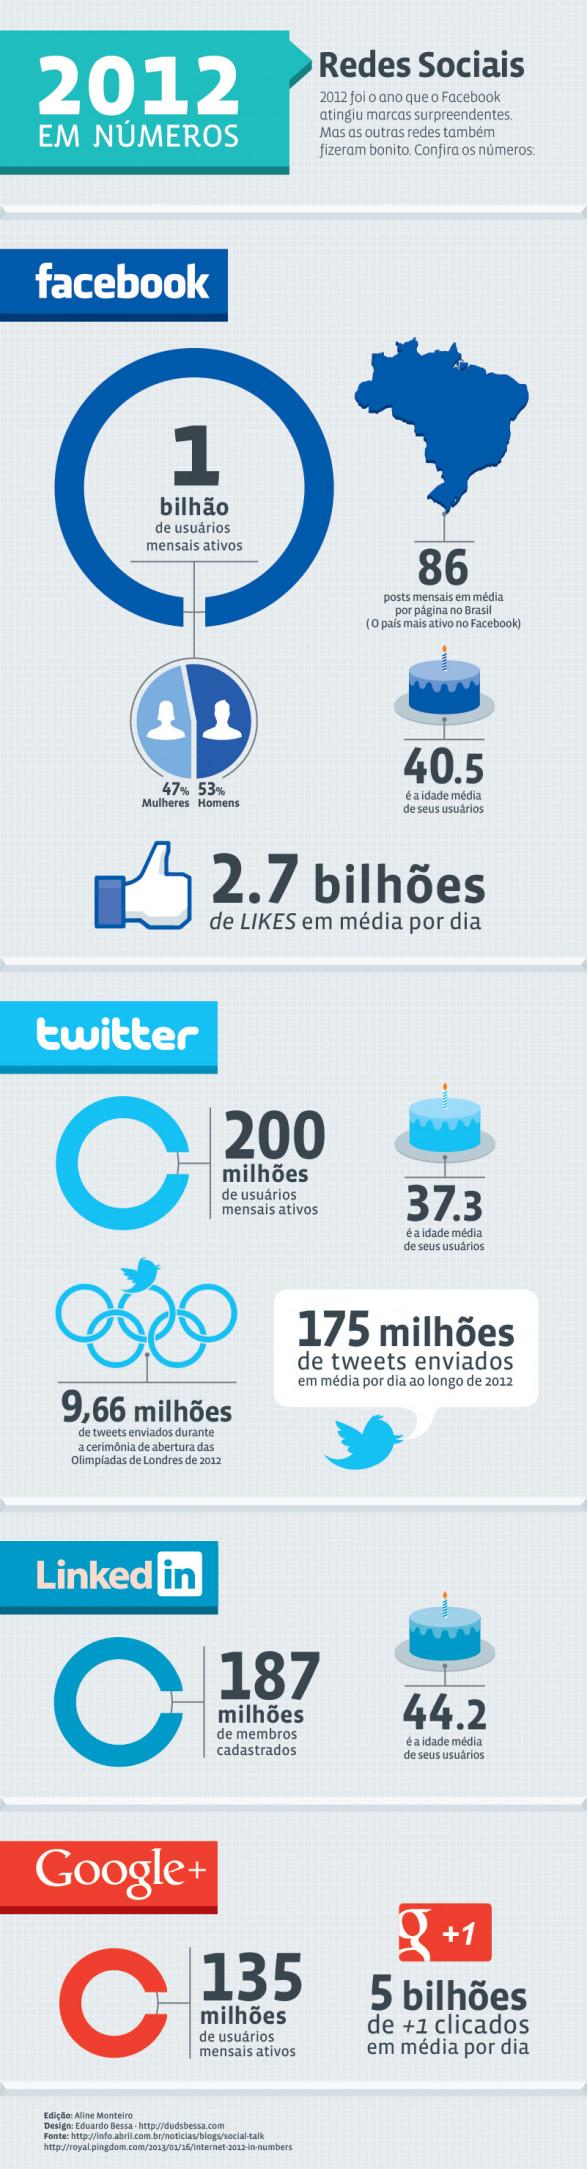 2012 em números - Redes Sociais